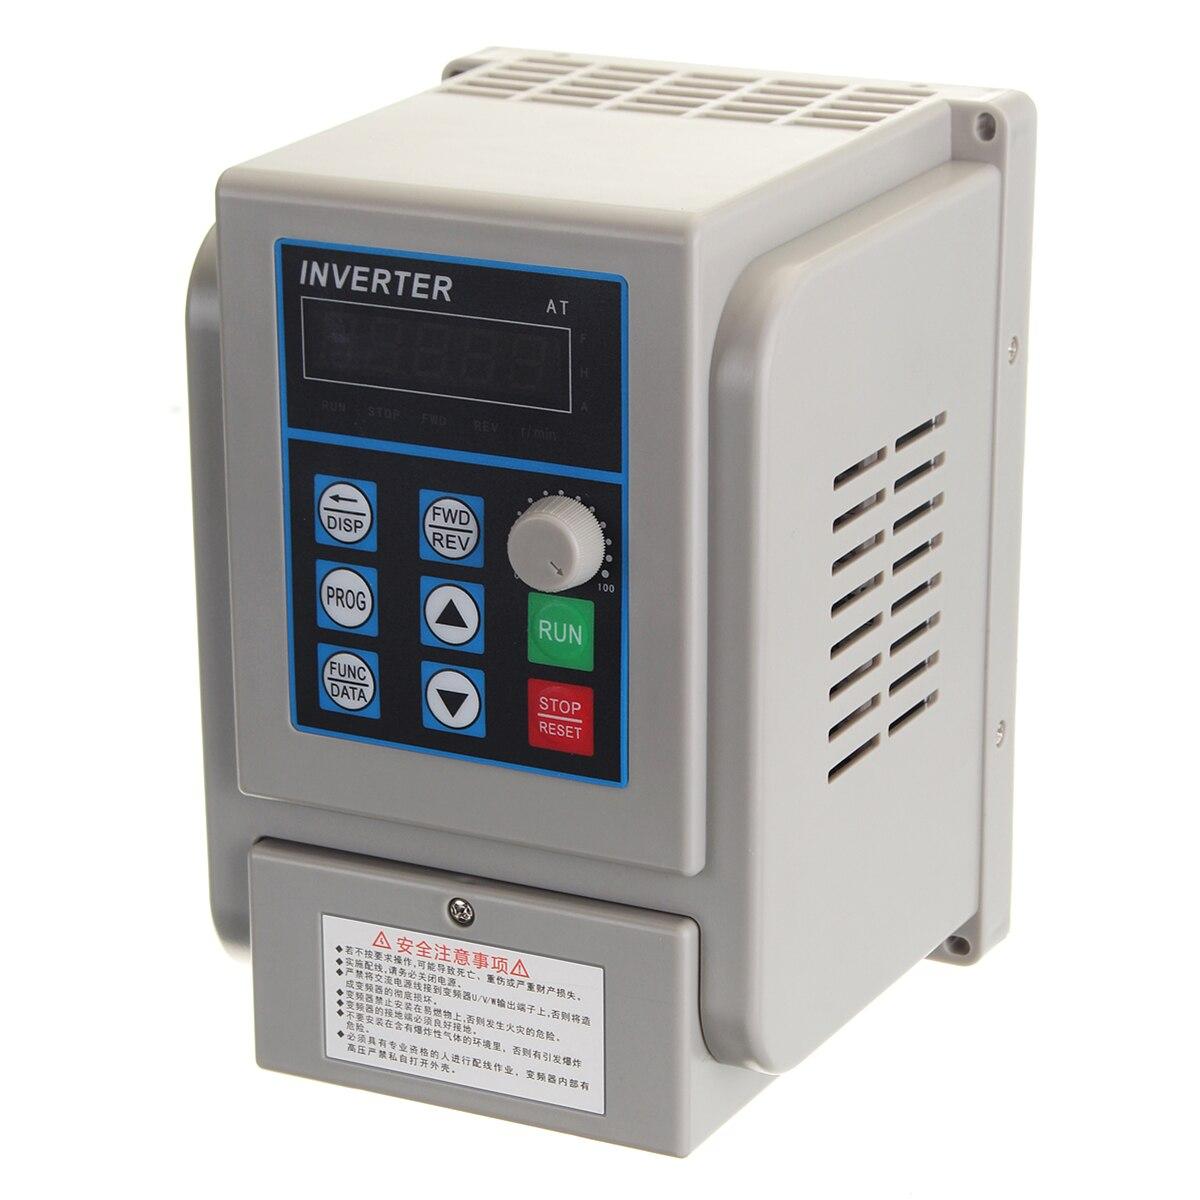 220 v 2.2KW entrée Monophasée et 3phase Sortie Convertisseur De Fréquence/Convertisseur De Fréquence/moteur De Broche CNC vitesse contrôle/VFD